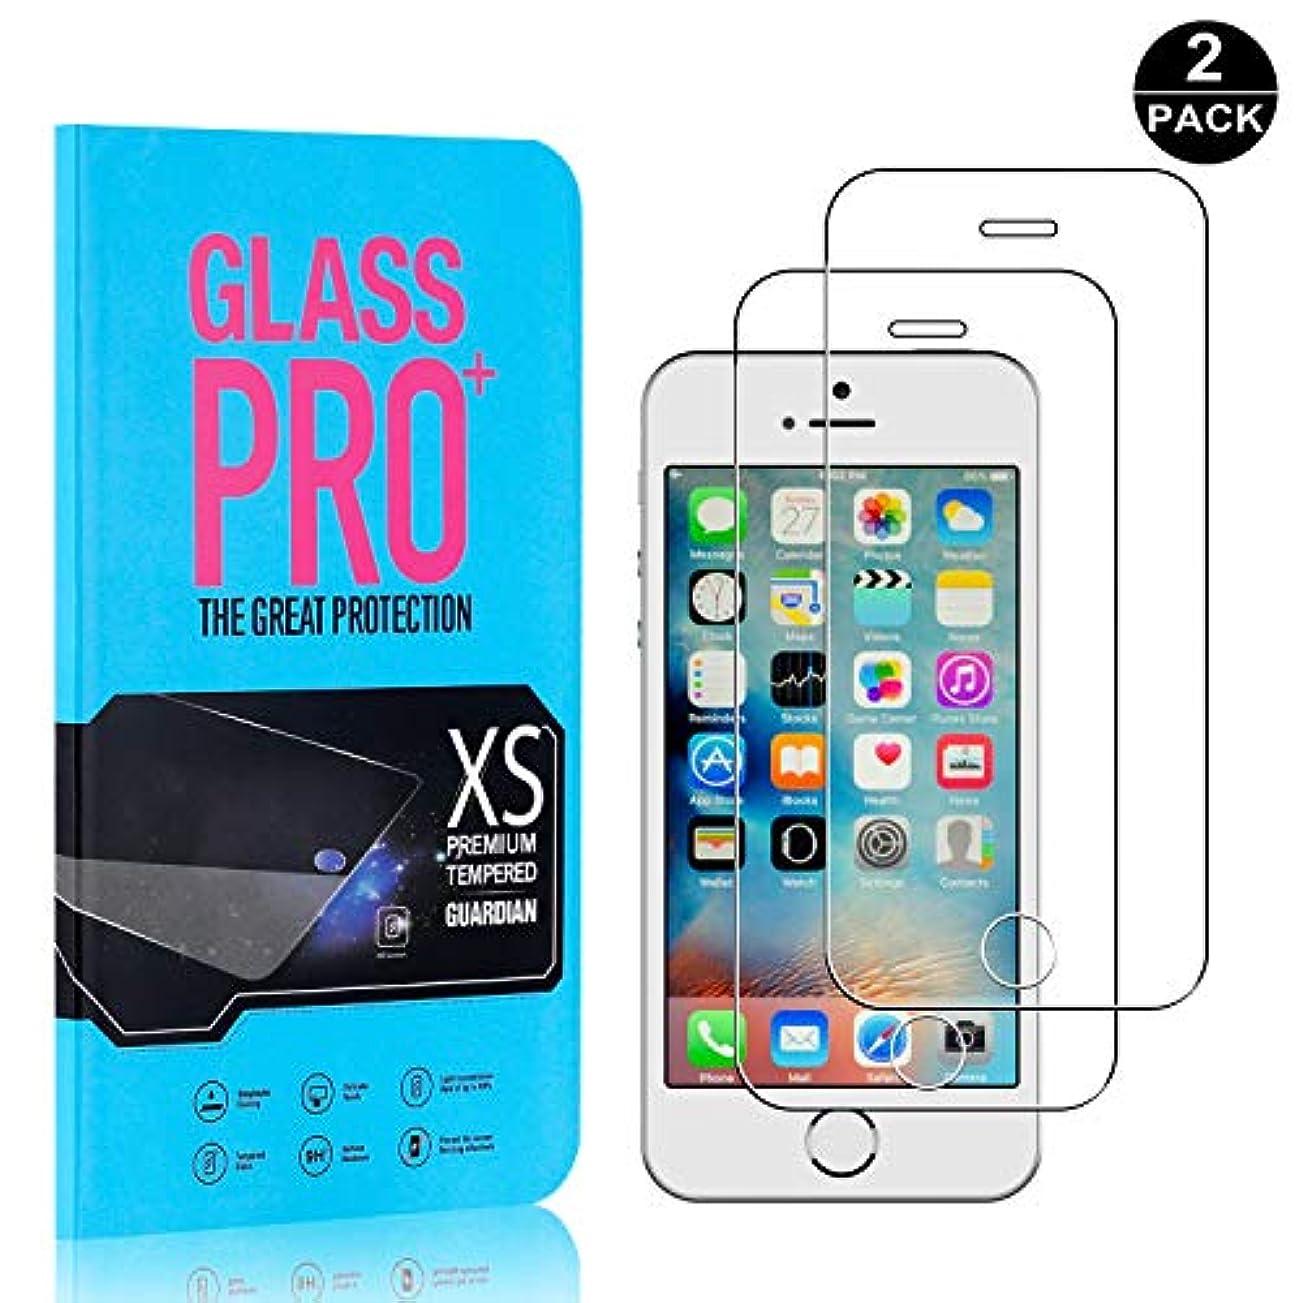 努力小麦粉ロープ【2枚セット】 iPhone 5C 超薄 フィルム CUNUS Apple iPhone 5C 専用設計 強化ガラスフィルム 高透明度で 気泡防止 飛散防止 硬度9H 耐衝撃 超薄0.26mm 液晶保護フィルム